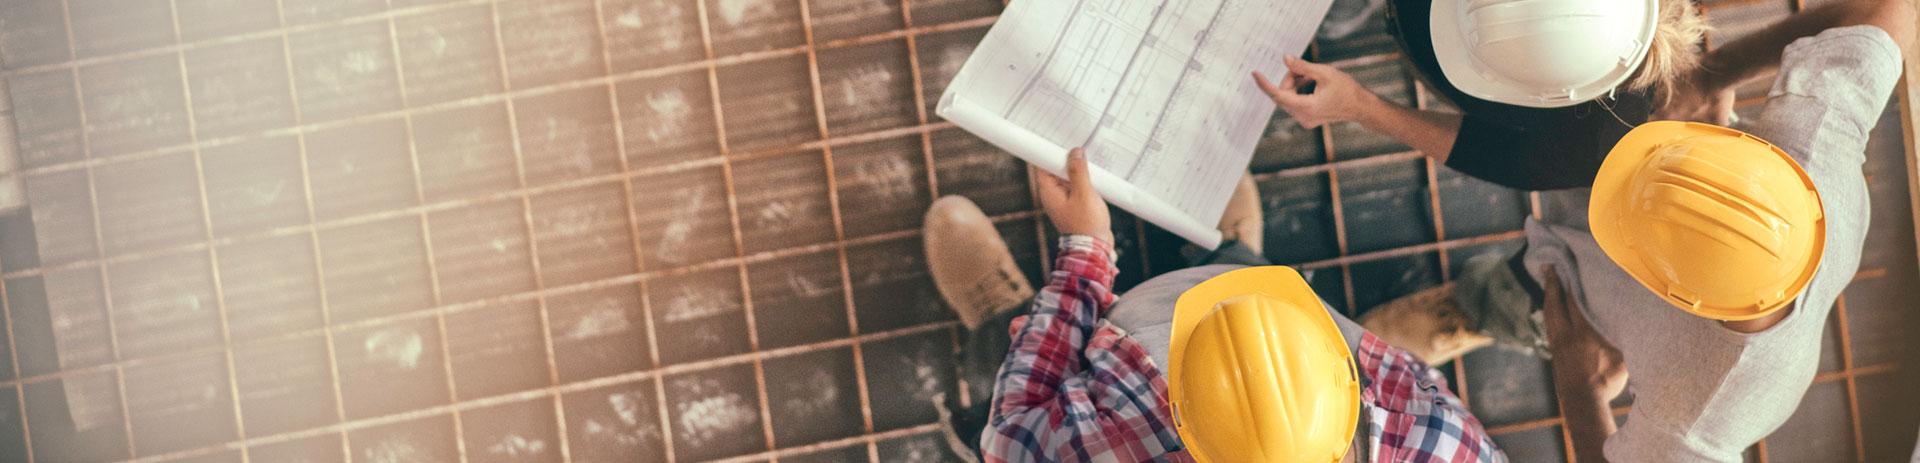 Drei Maenner planen gemeinsam ein Projekt, das Bild symbolisiert die Unterstuetzung von Bauprojekten und Bauunternehmen durch A1 Software-, Internet- und Kommunikationsloesungen.